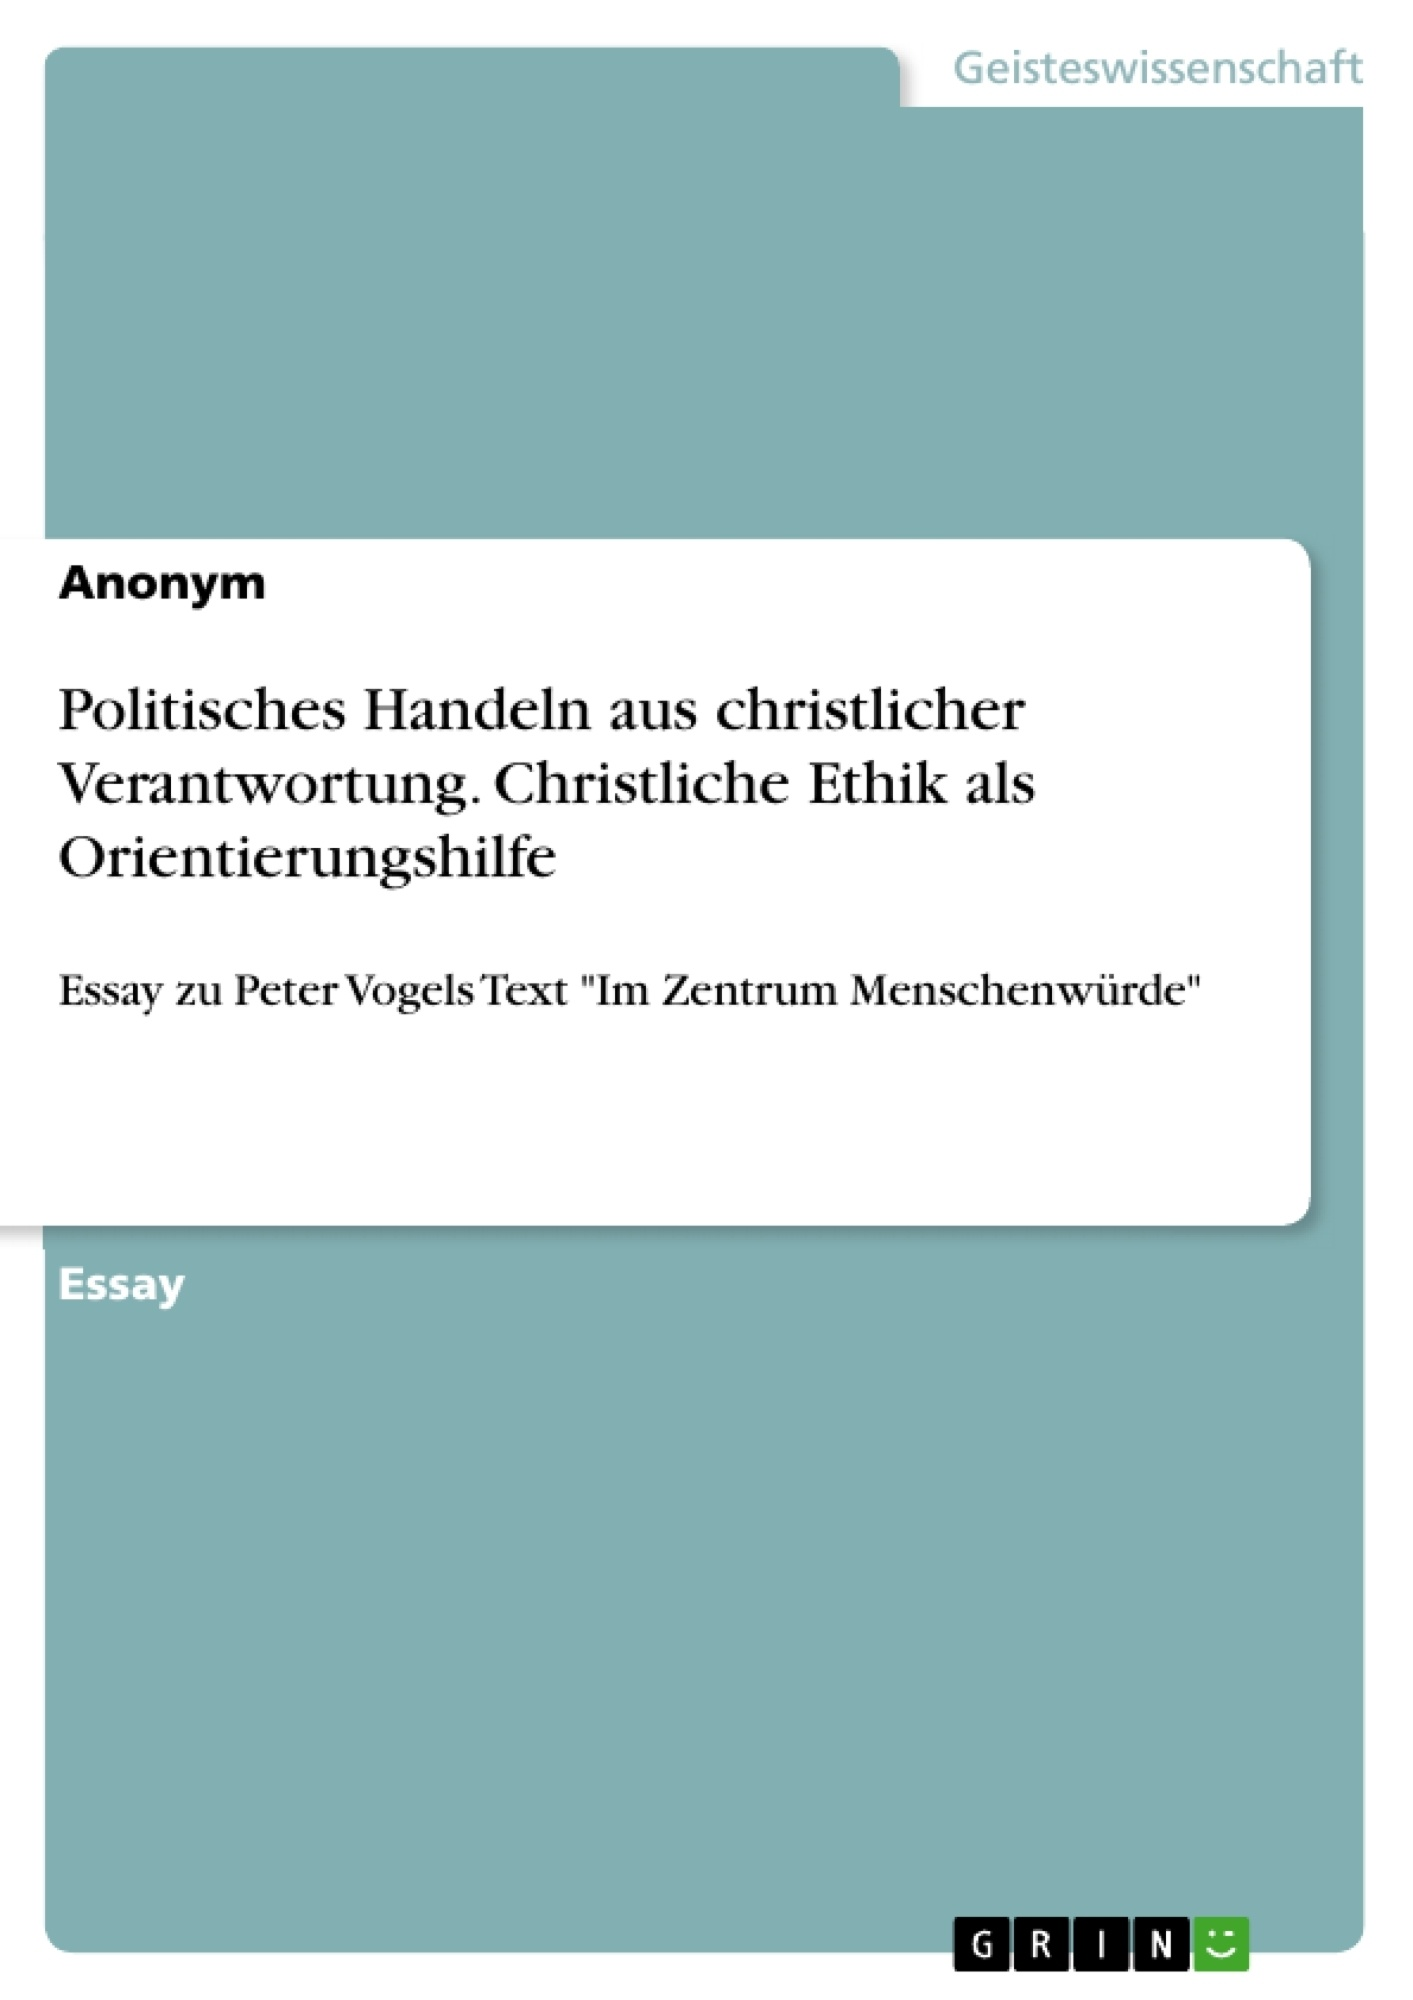 Titel: Politisches Handeln aus christlicher Verantwortung. Christliche Ethik als Orientierungshilfe